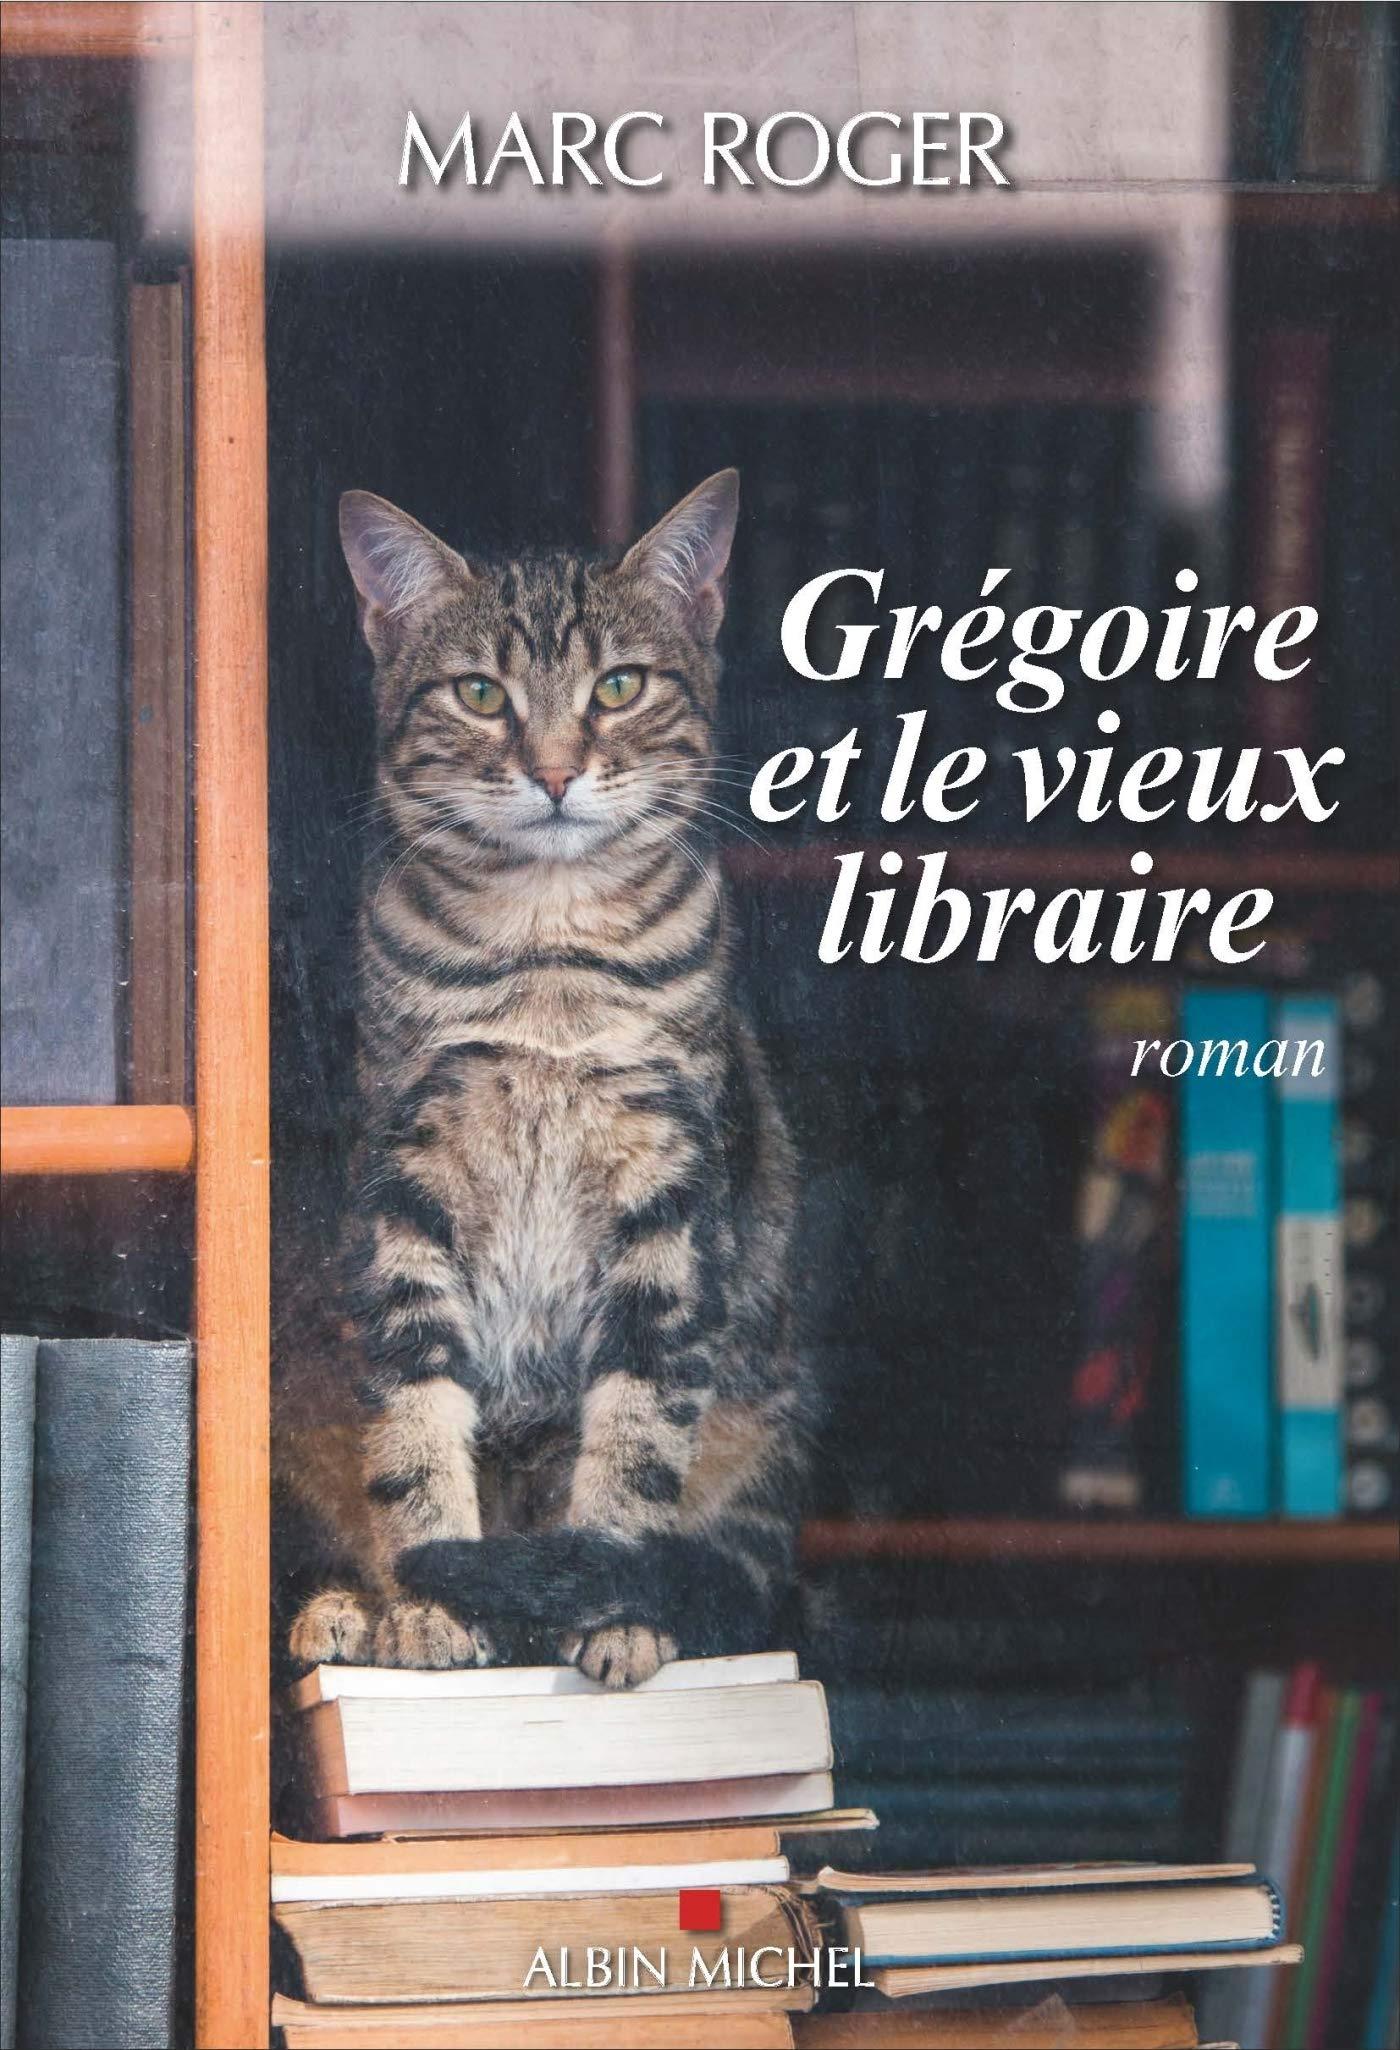 """Résultat de recherche d'images pour """"grégoire et le vieux libraire marc roger"""""""